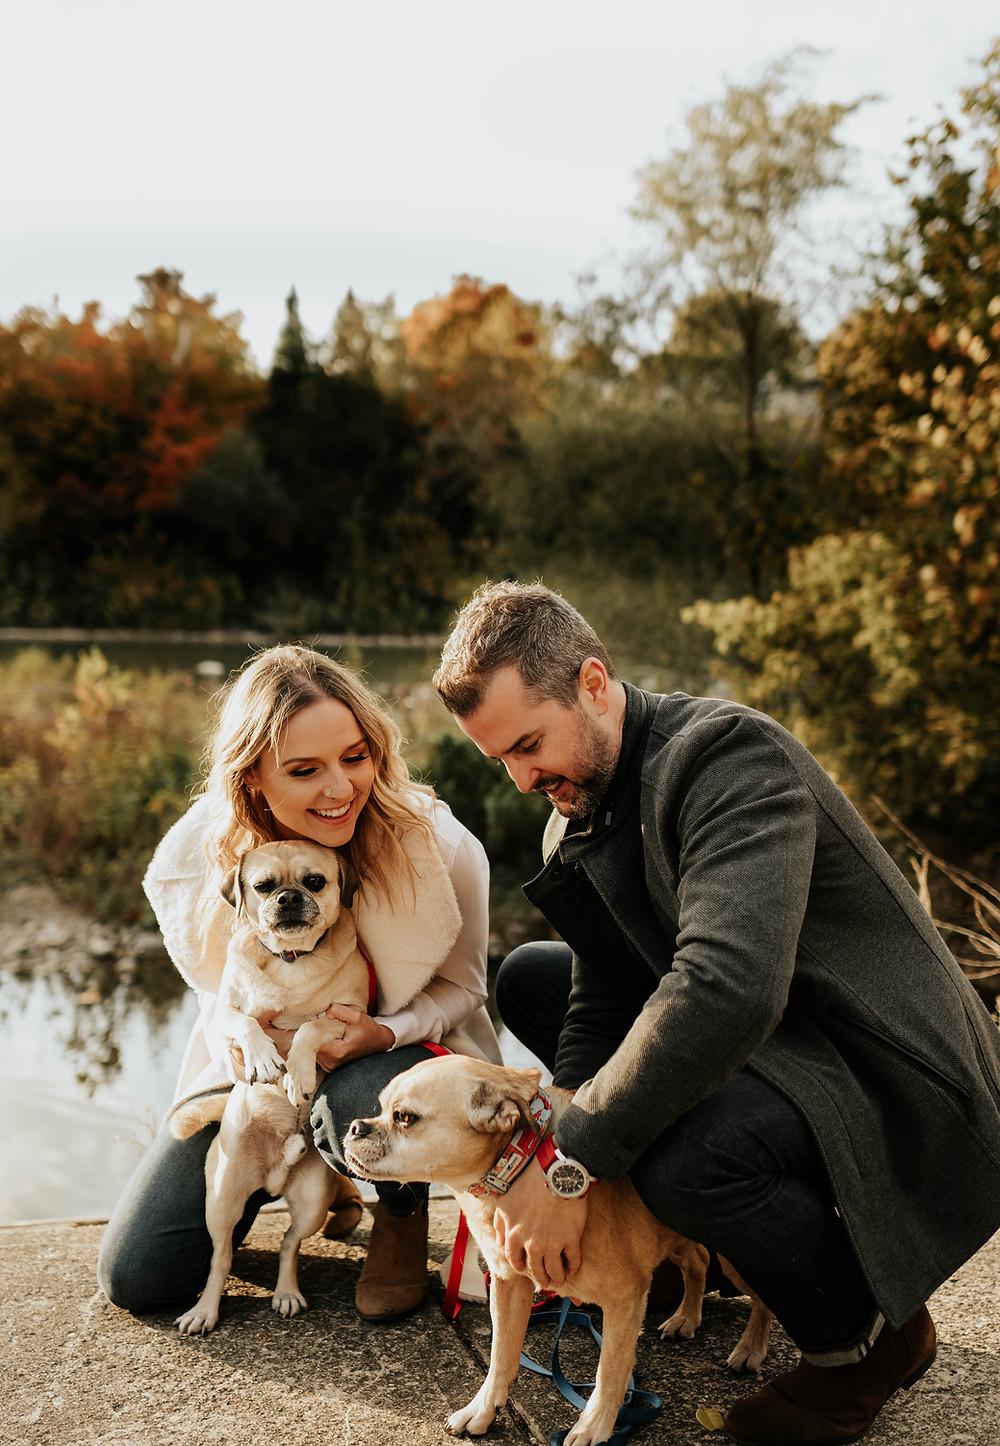 spring bank park photographer, civic garden, london ontario wedding photographer, strathroy wedding photographer, sarnia wedding photographer, kitchener waterloo wedding photographer